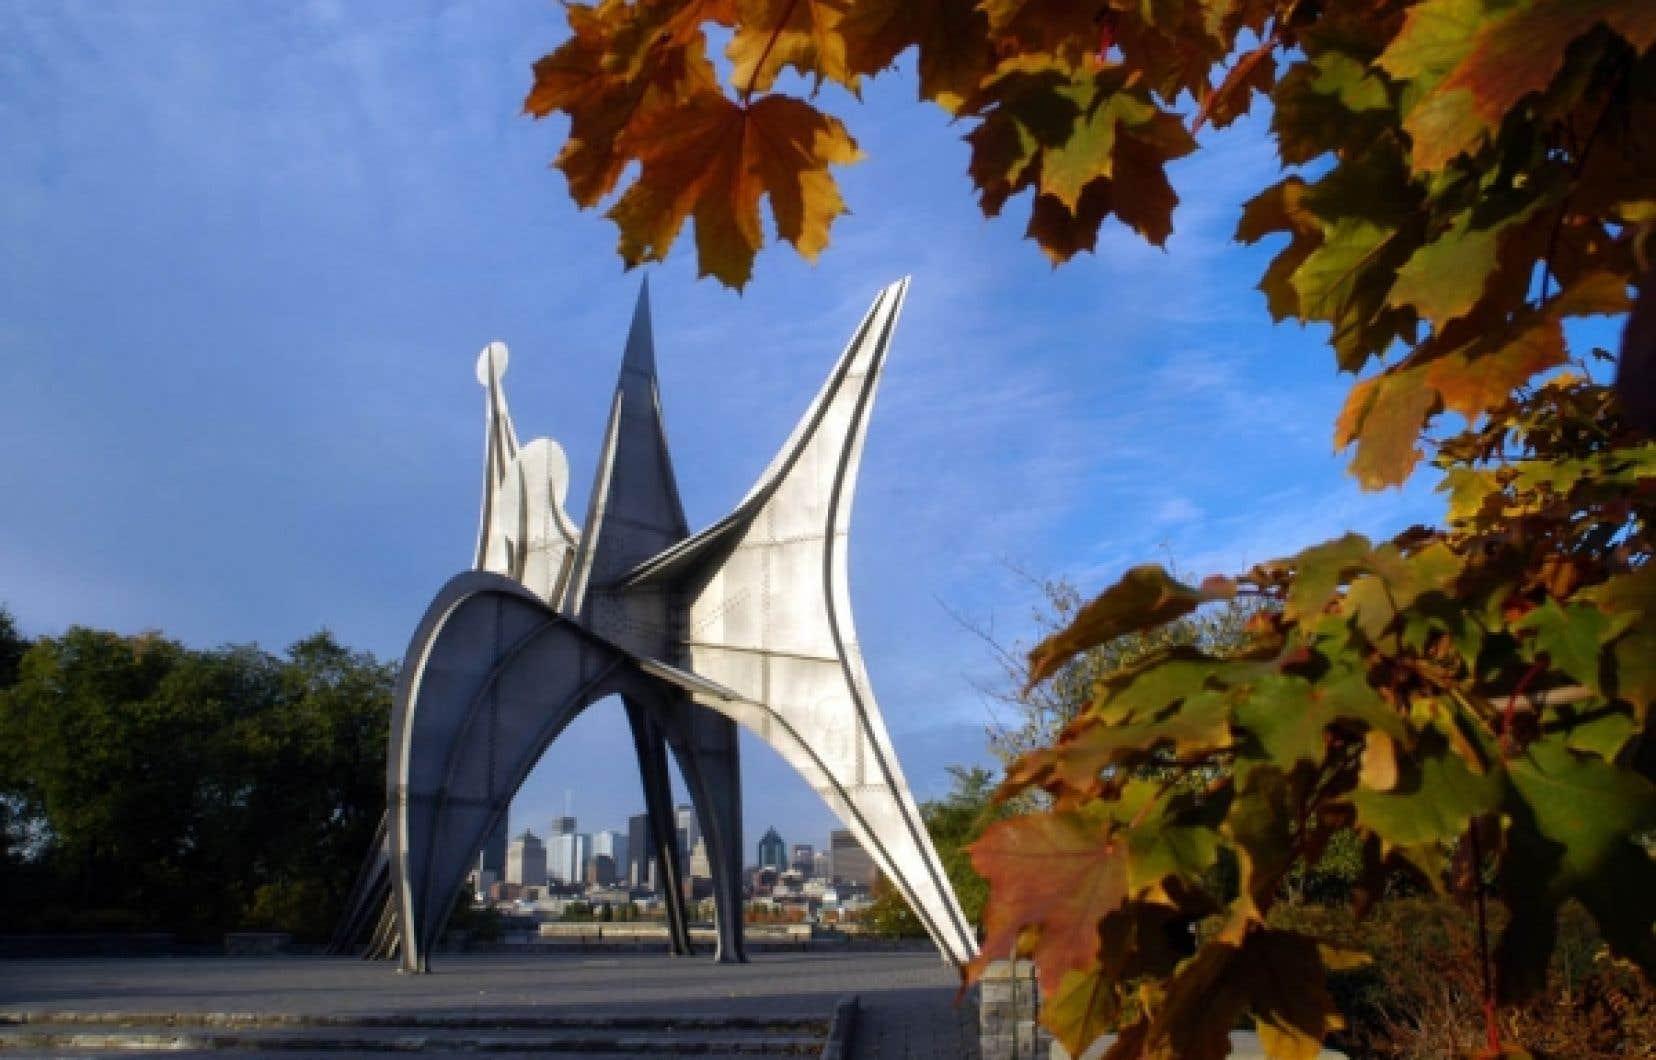 Depuis L'Homme de Calder (1967), maintenant plantée dans le parc Jean-Drapeau, Montréal n'a pas ajouté une seule œuvre monumentale.